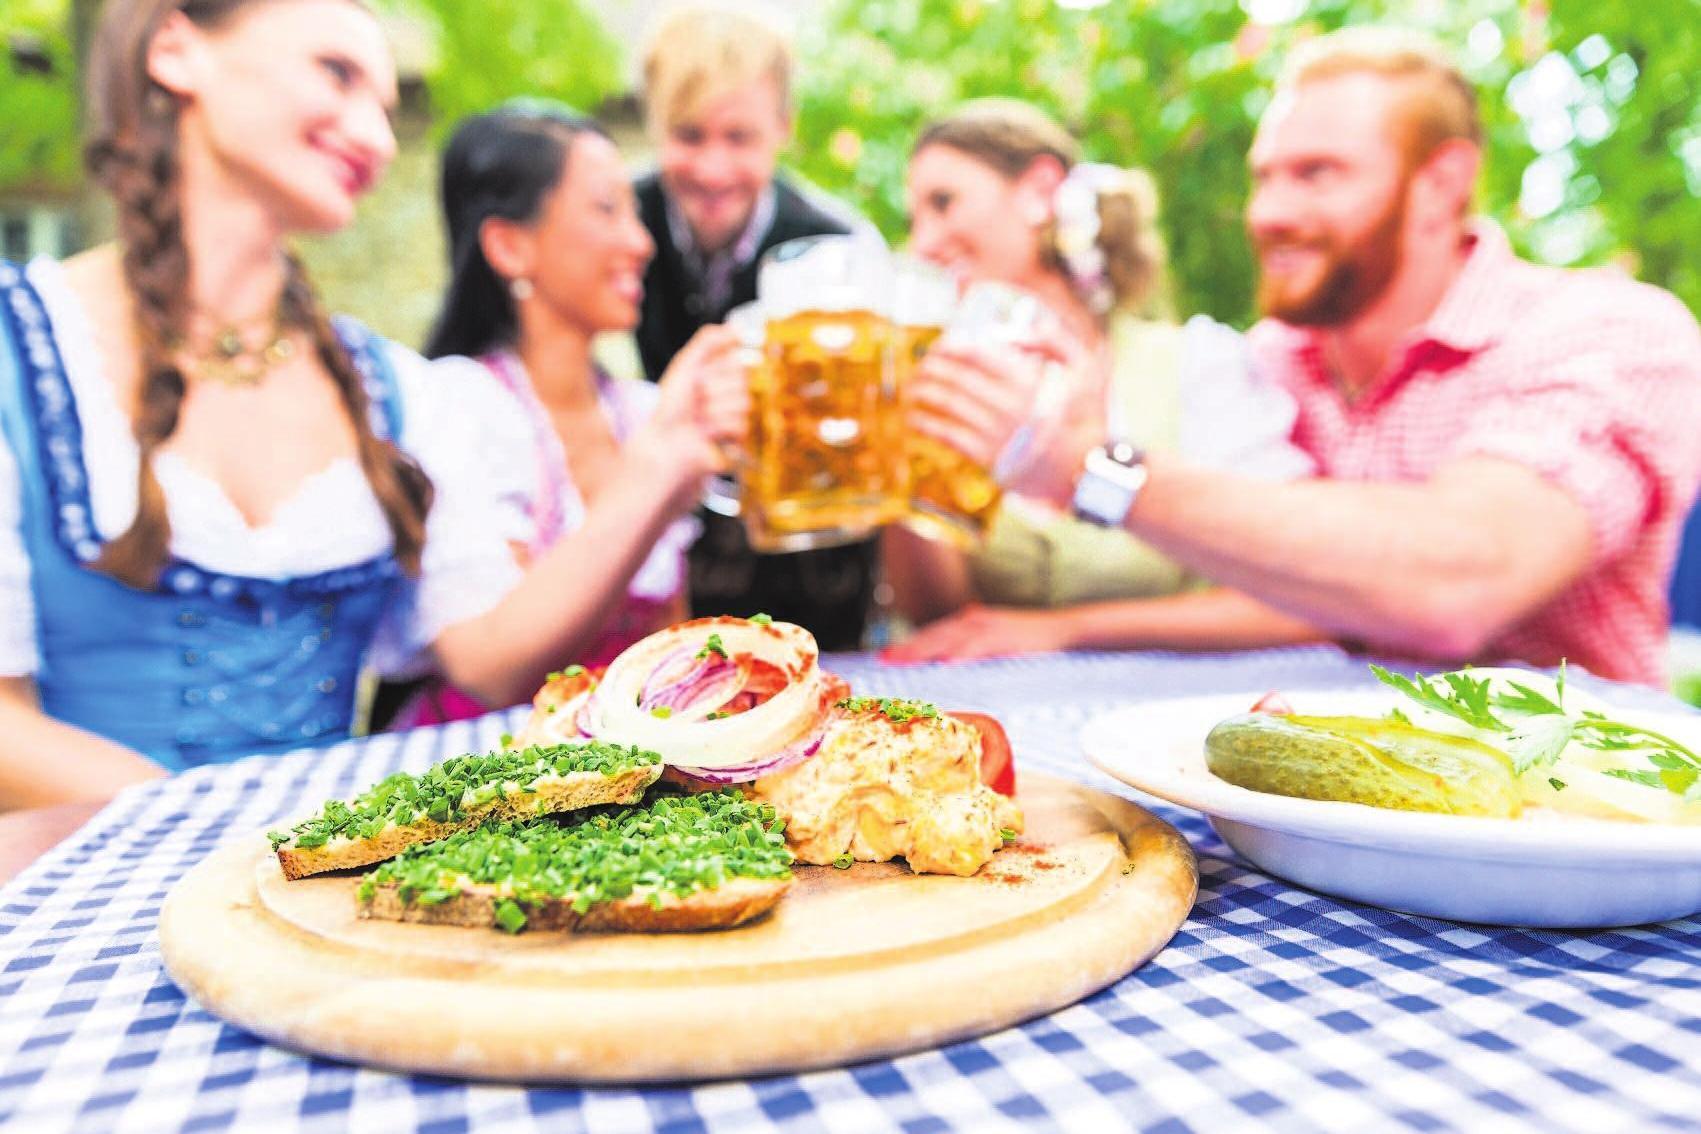 In geselliger Runde lässt sicher der Feierabend im Biergarten mit einer guten Brotzeit genießen.Foto: Adobe Stock/Kzenon